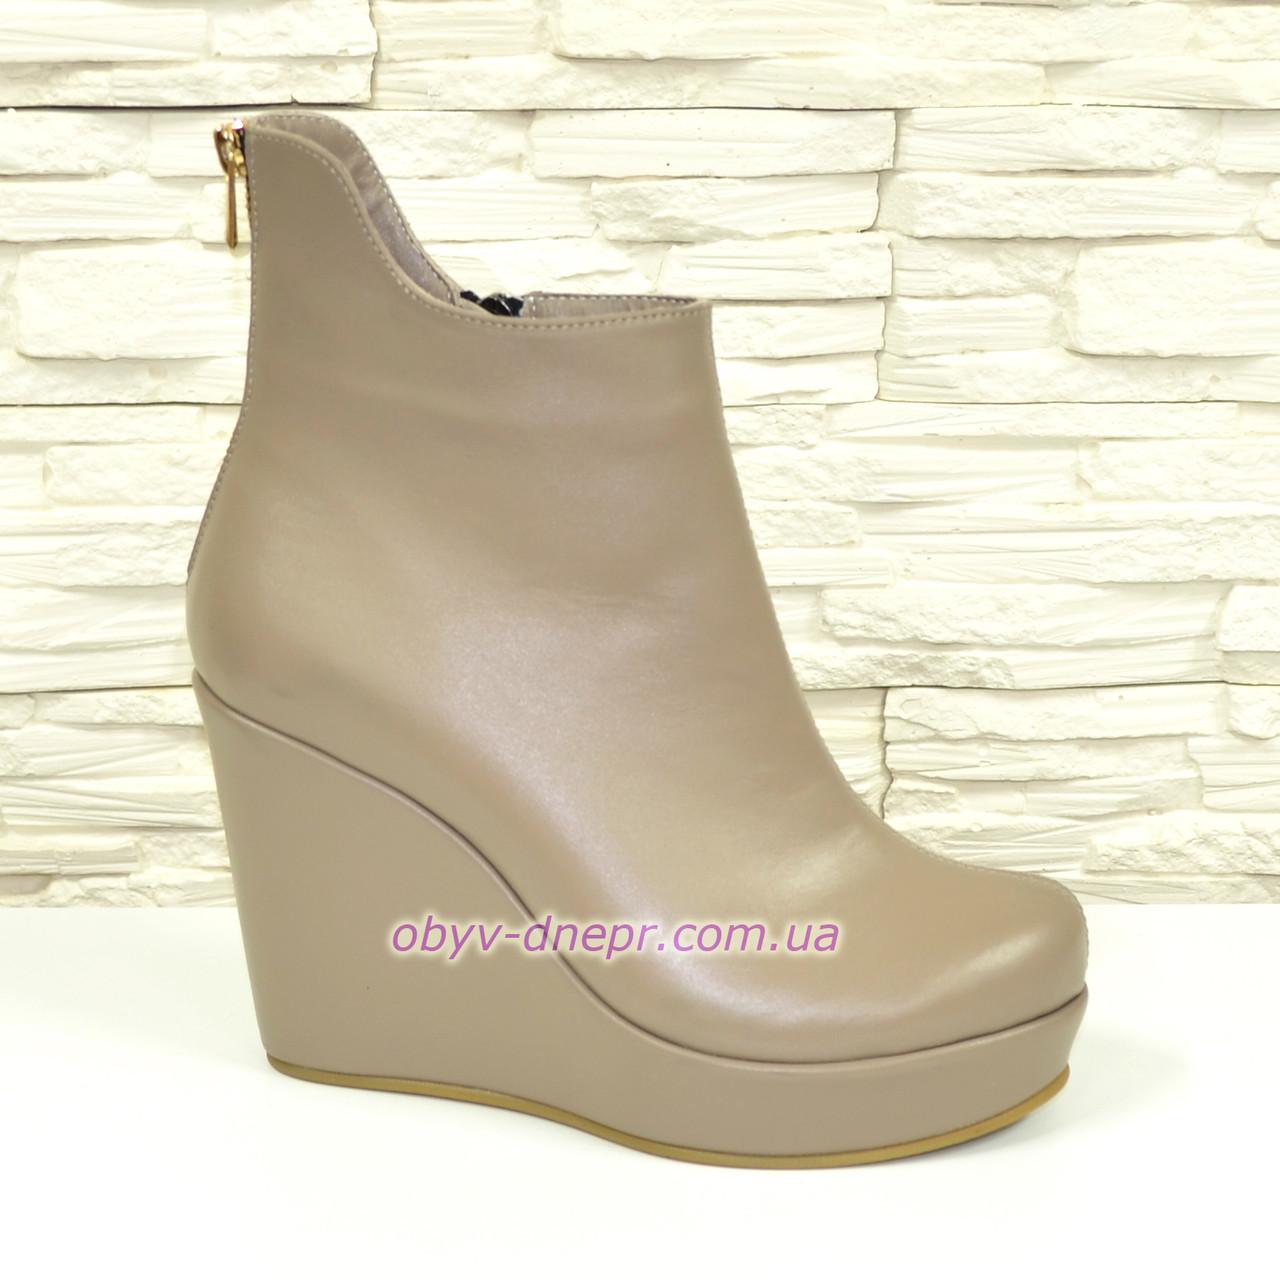 0463ec7e95f1 Ботинки демисезонные кожаные женские на платформе, цвет визон. 40 размер -  Bigl.ua